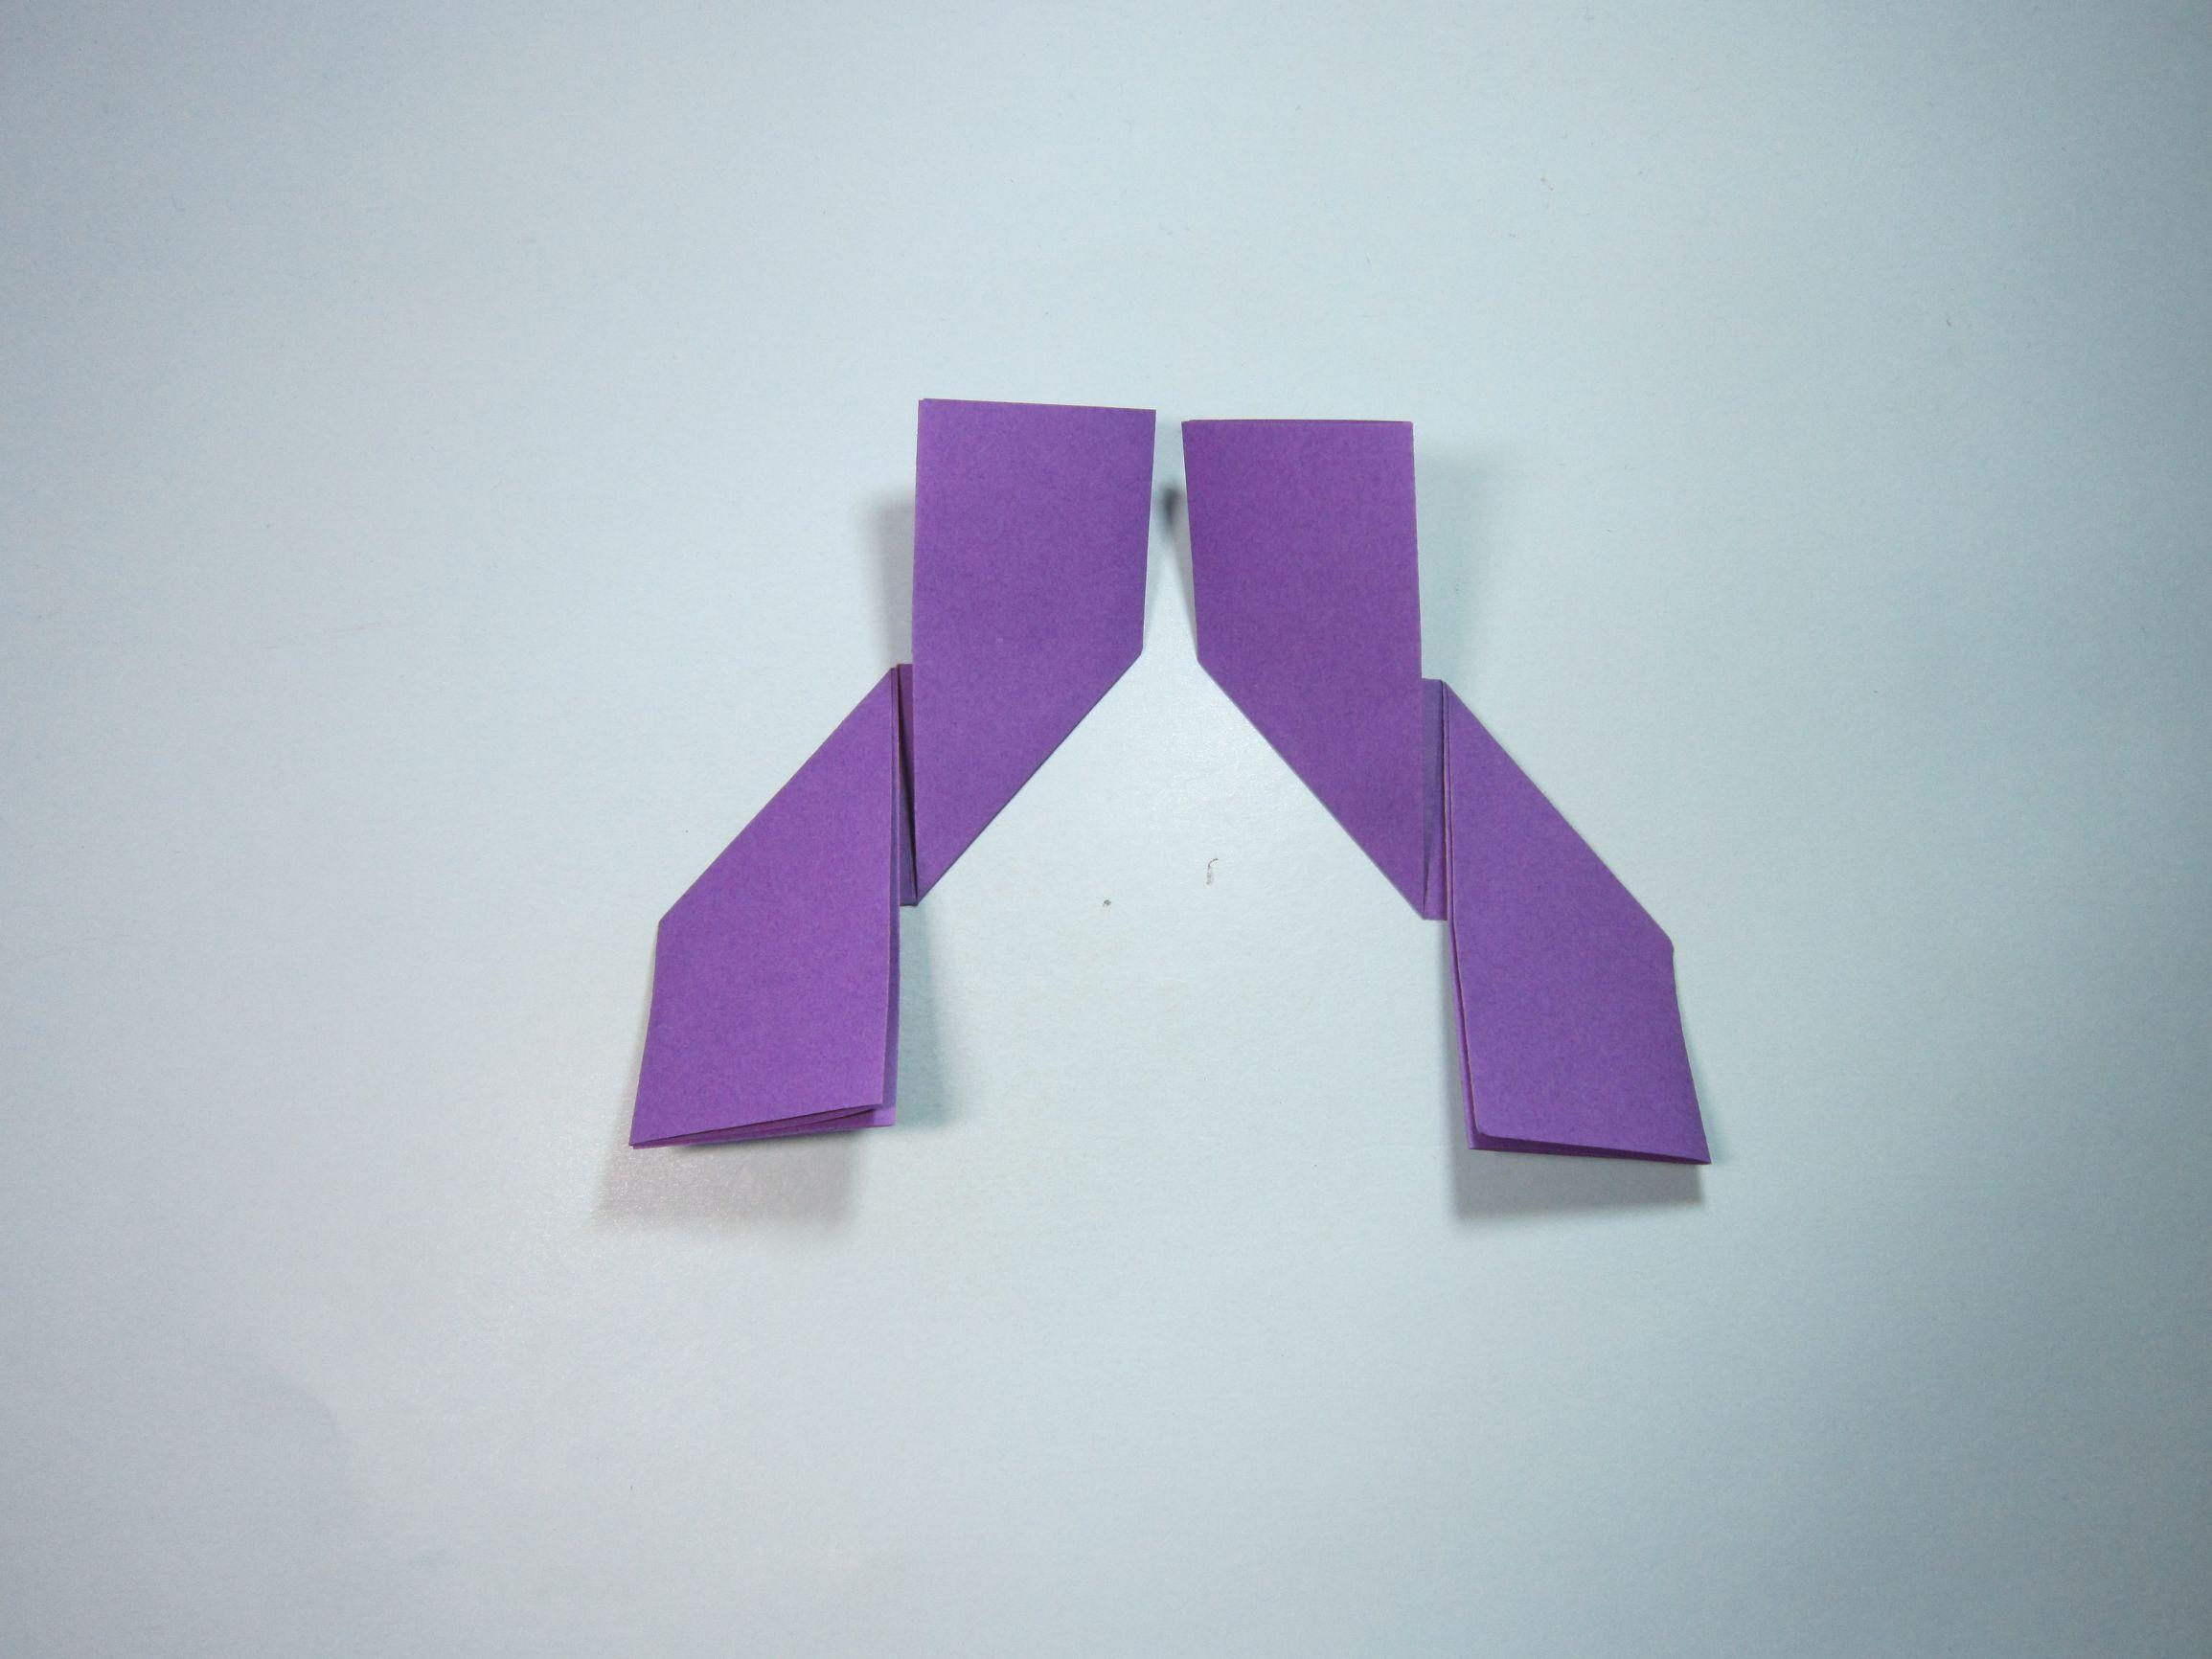 三角飞镖怎么折7步(简单飞镖的折法步骤图解)插图(5)